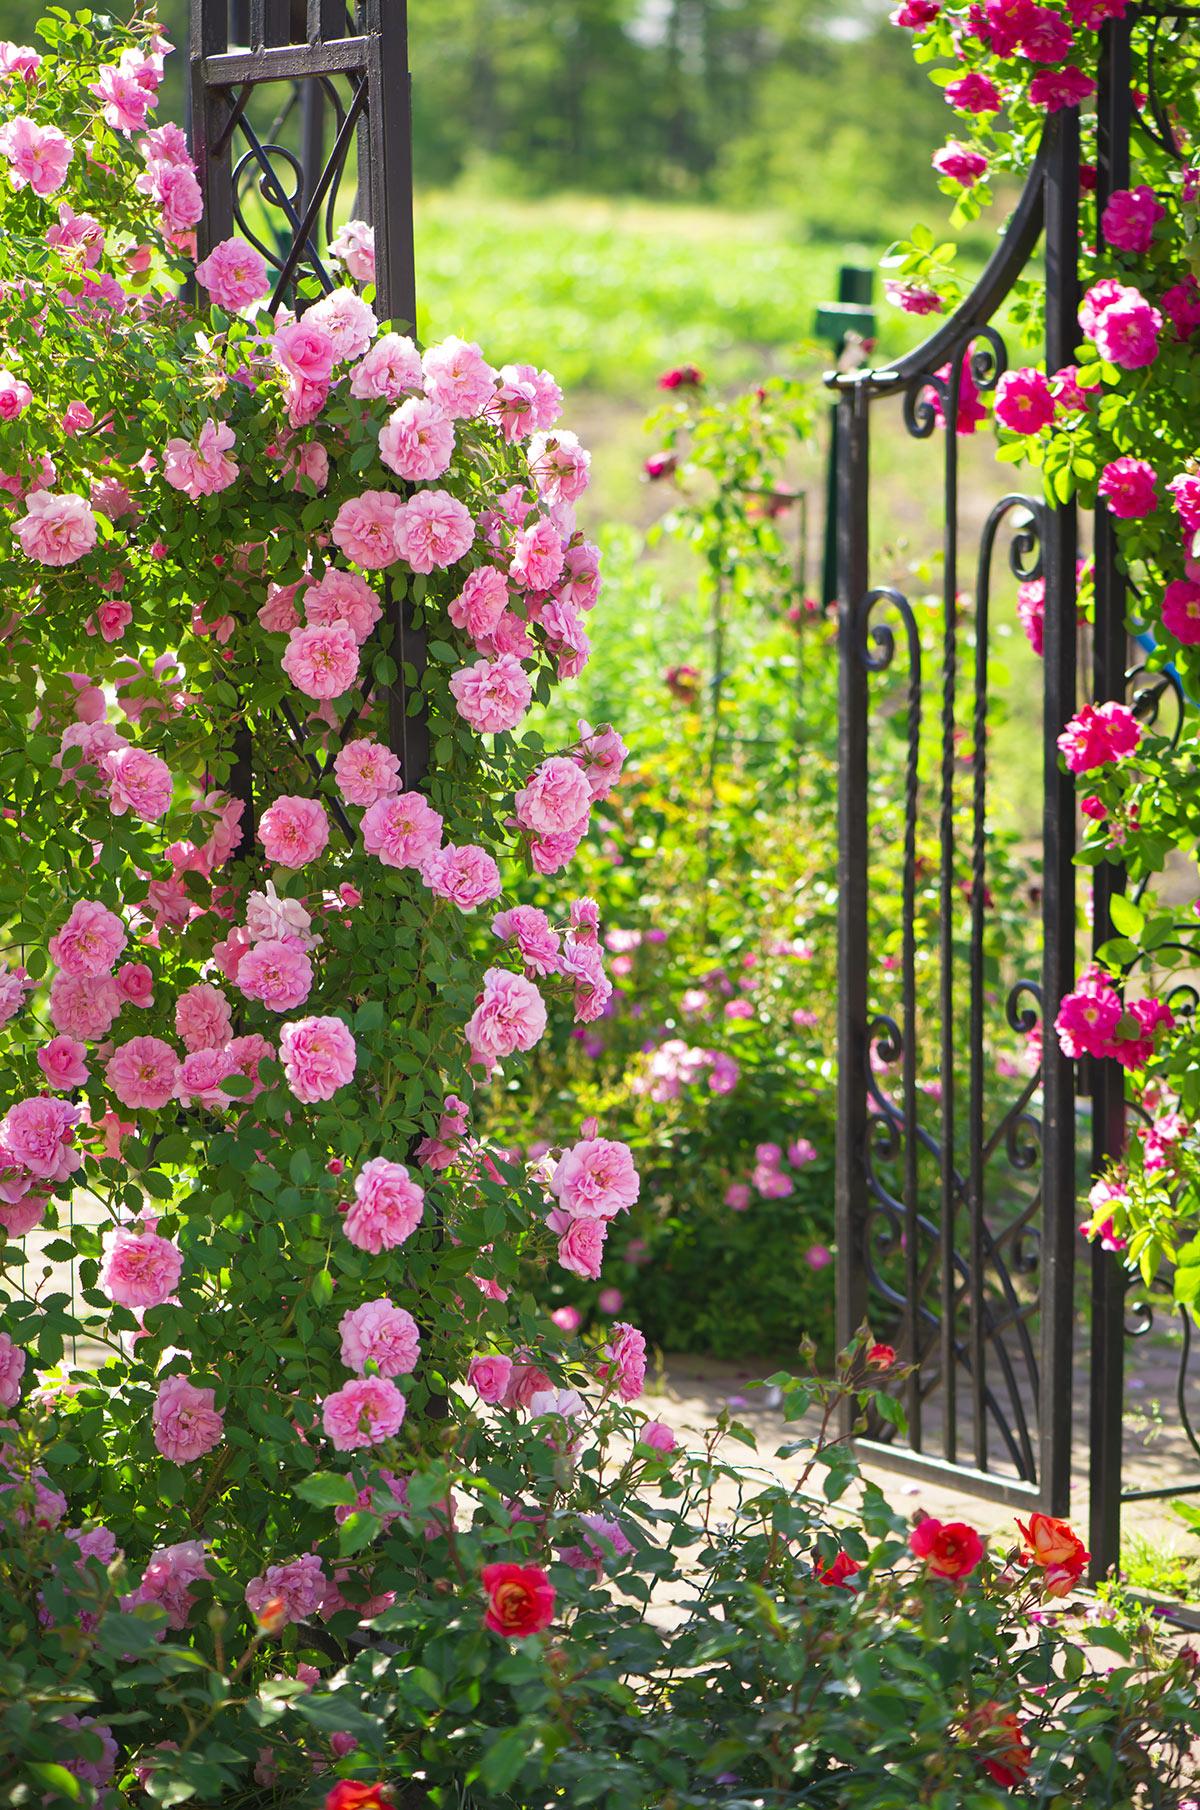 Cancello in ferro decorato con una torre di rose.